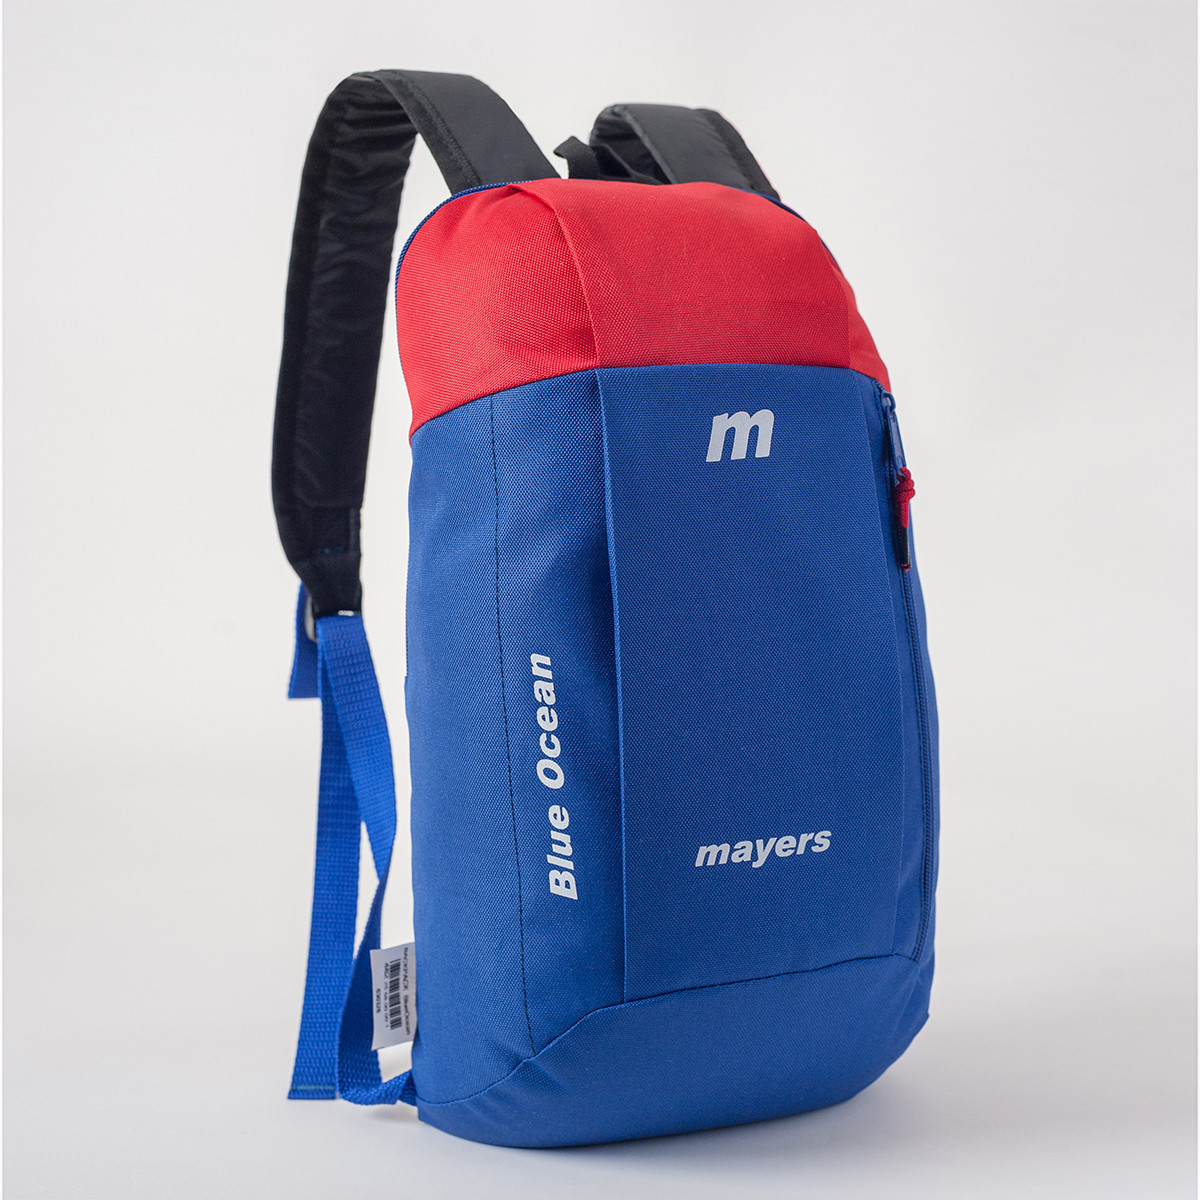 Спортивный рюкзак MAYERS 10L, синий + красный, фото 2